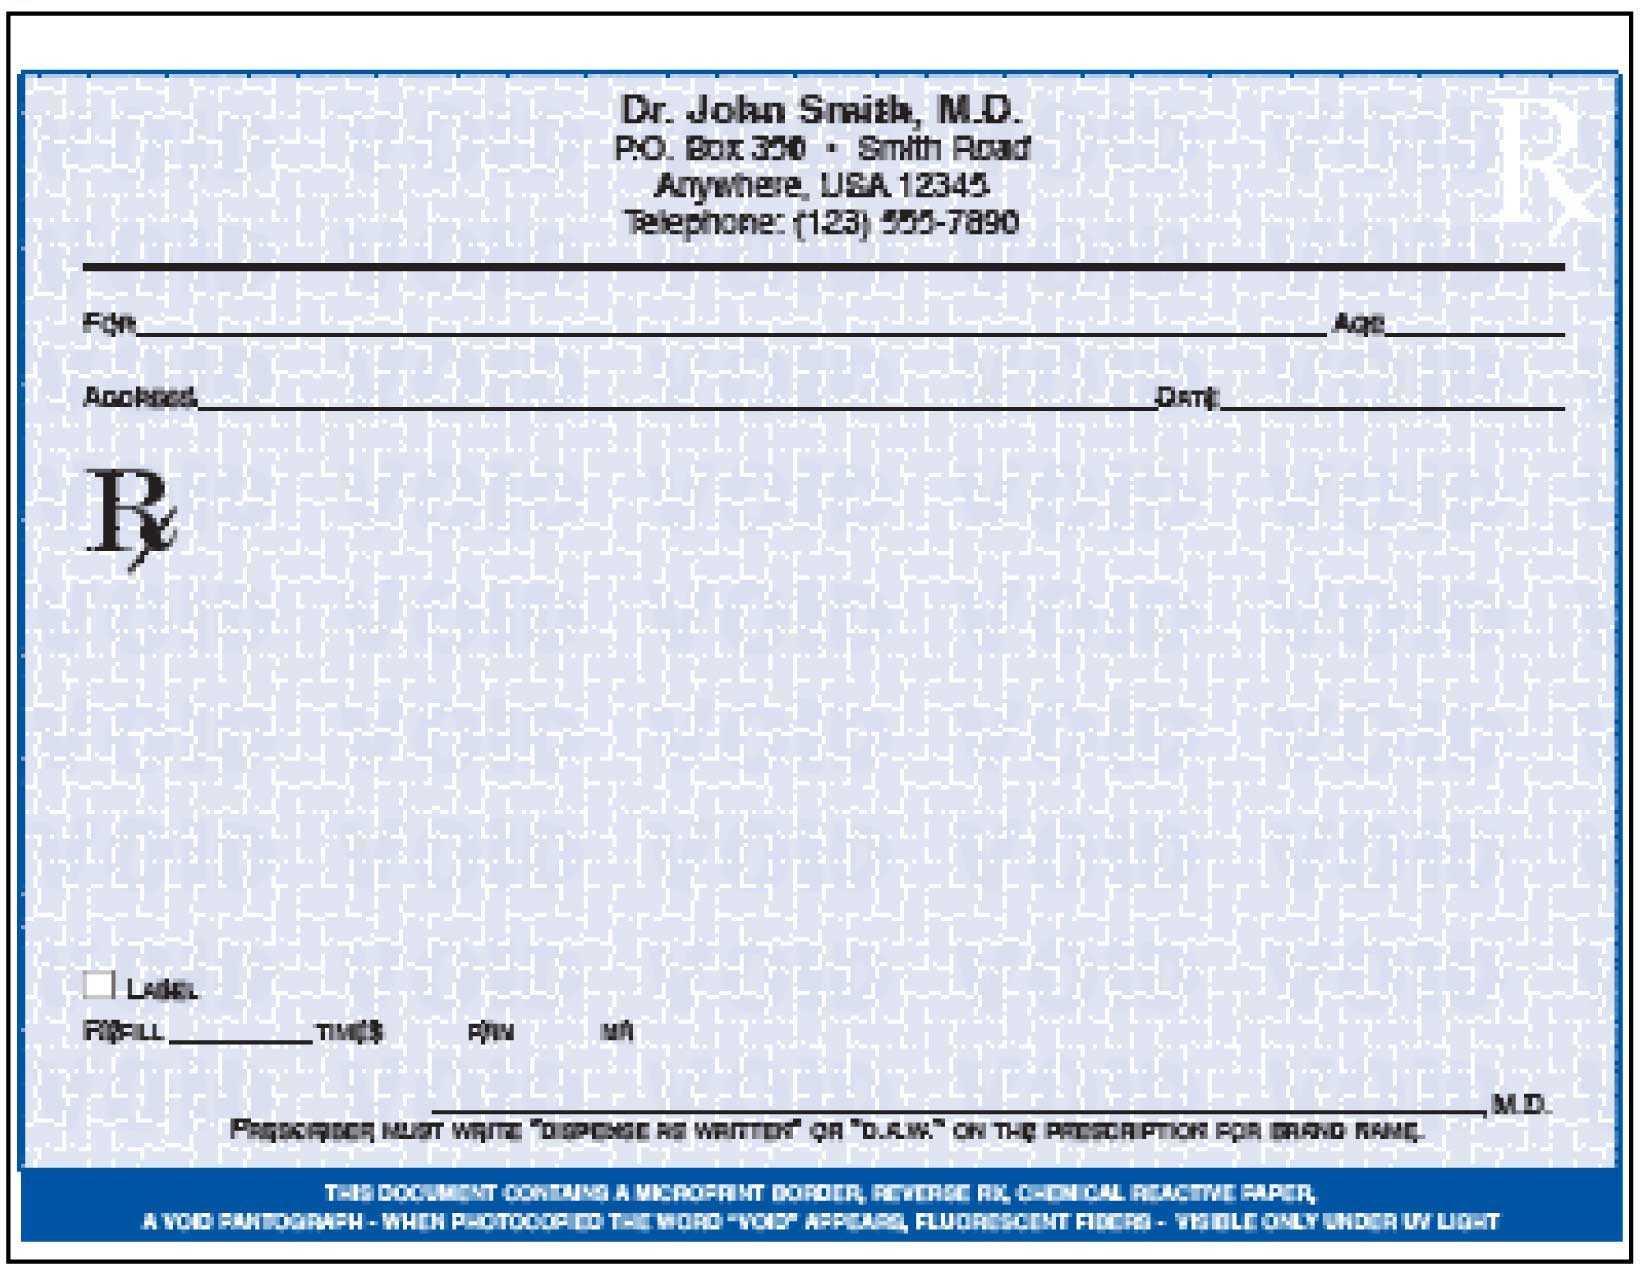 005 Doctor Prescription Pad Template Microsoft Word Free Regarding Doctors Prescription Template Word